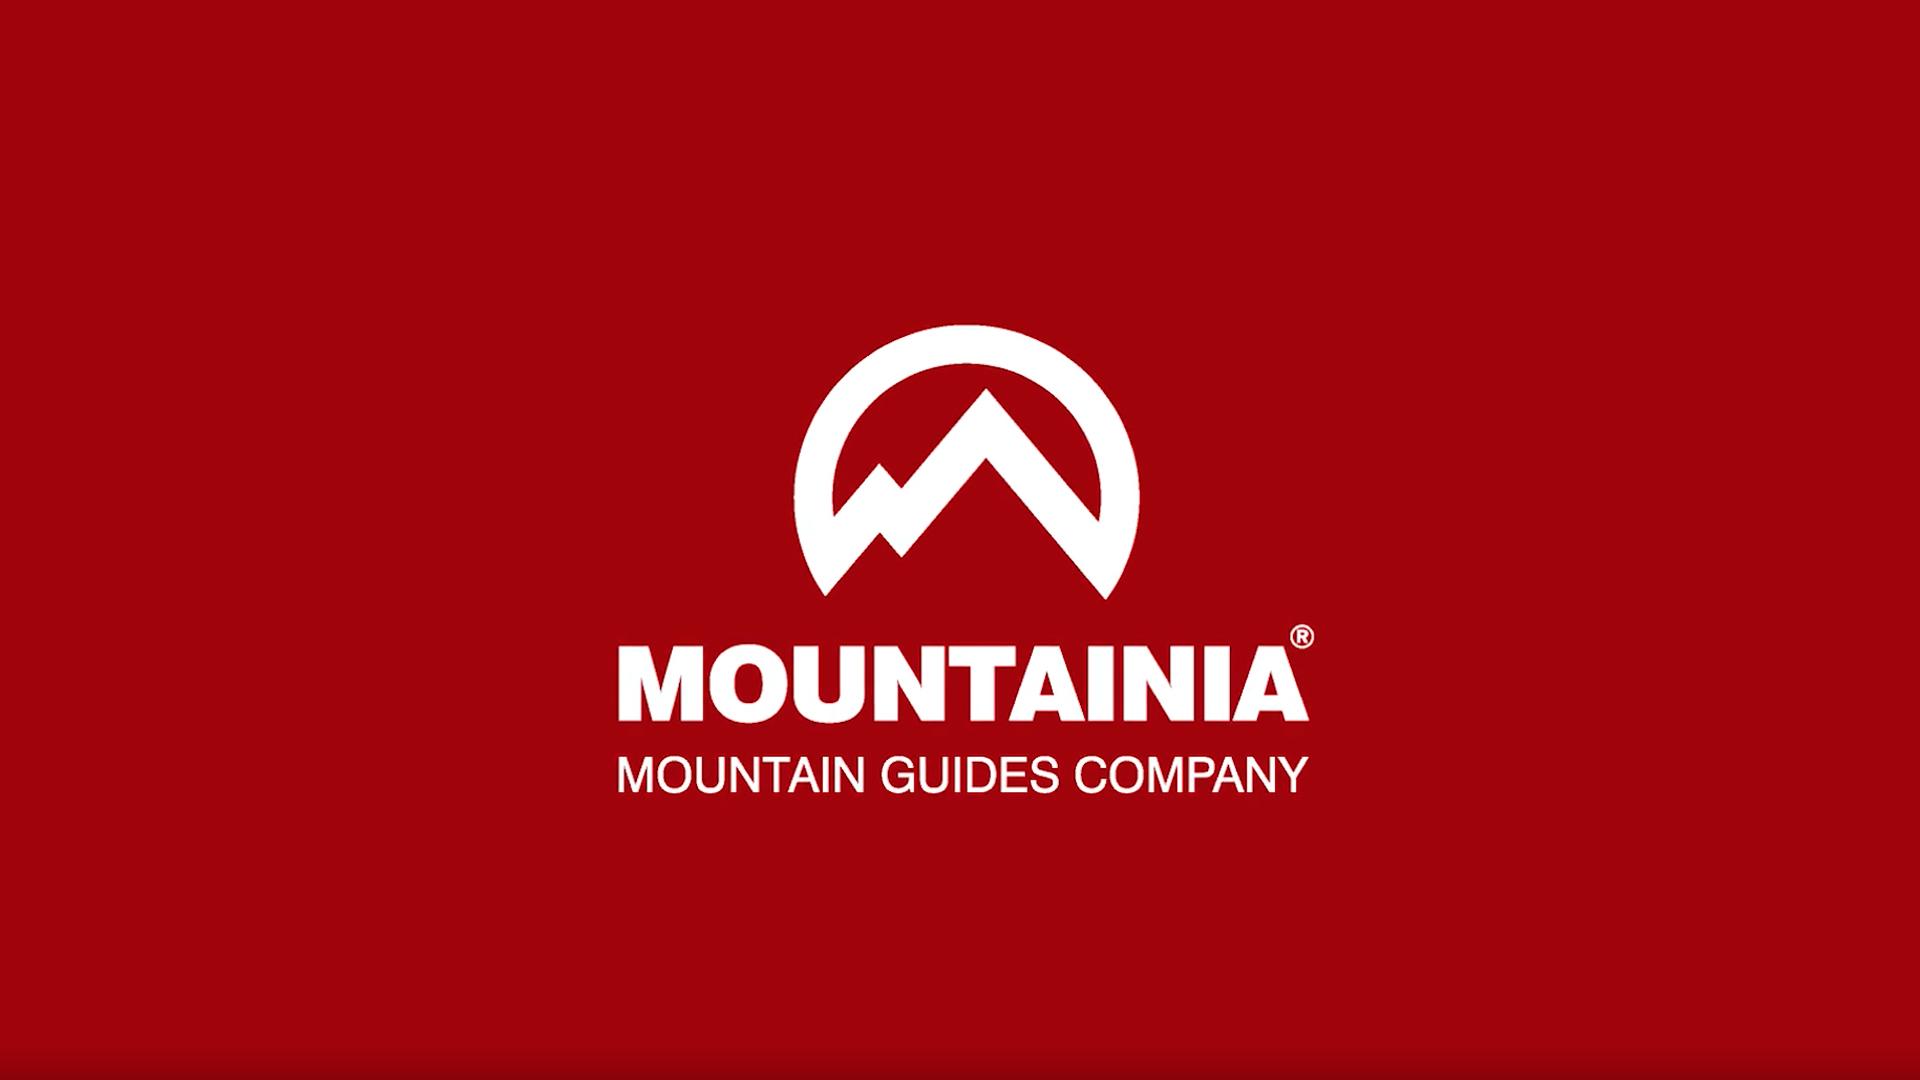 mountainiavideo